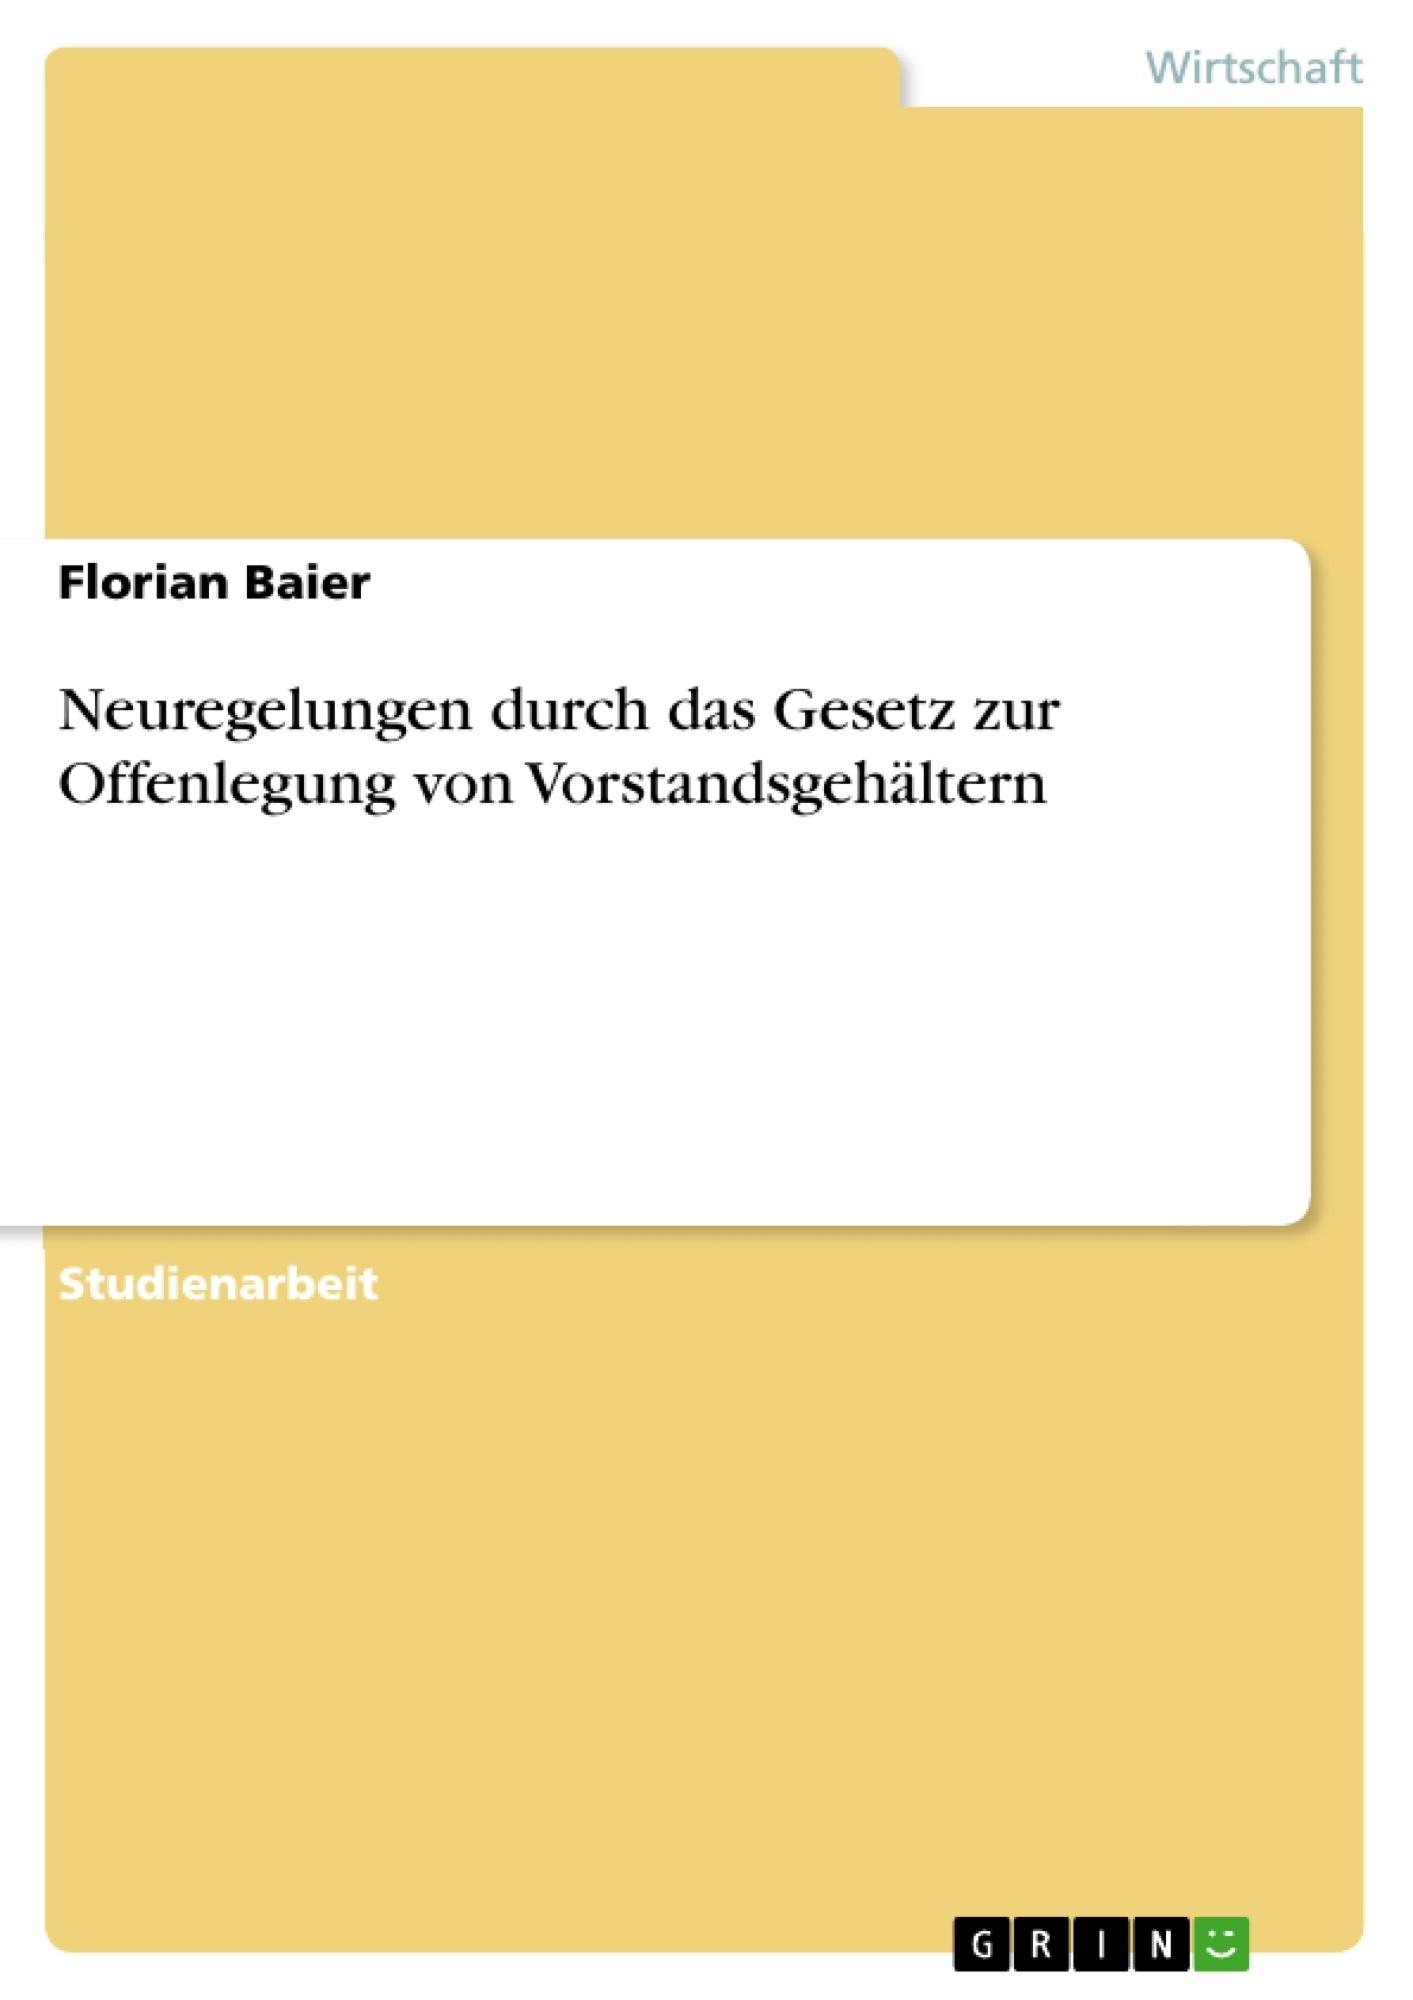 Titel: Neuregelungen durch das Gesetz zur Offenlegung von Vorstandsgehältern